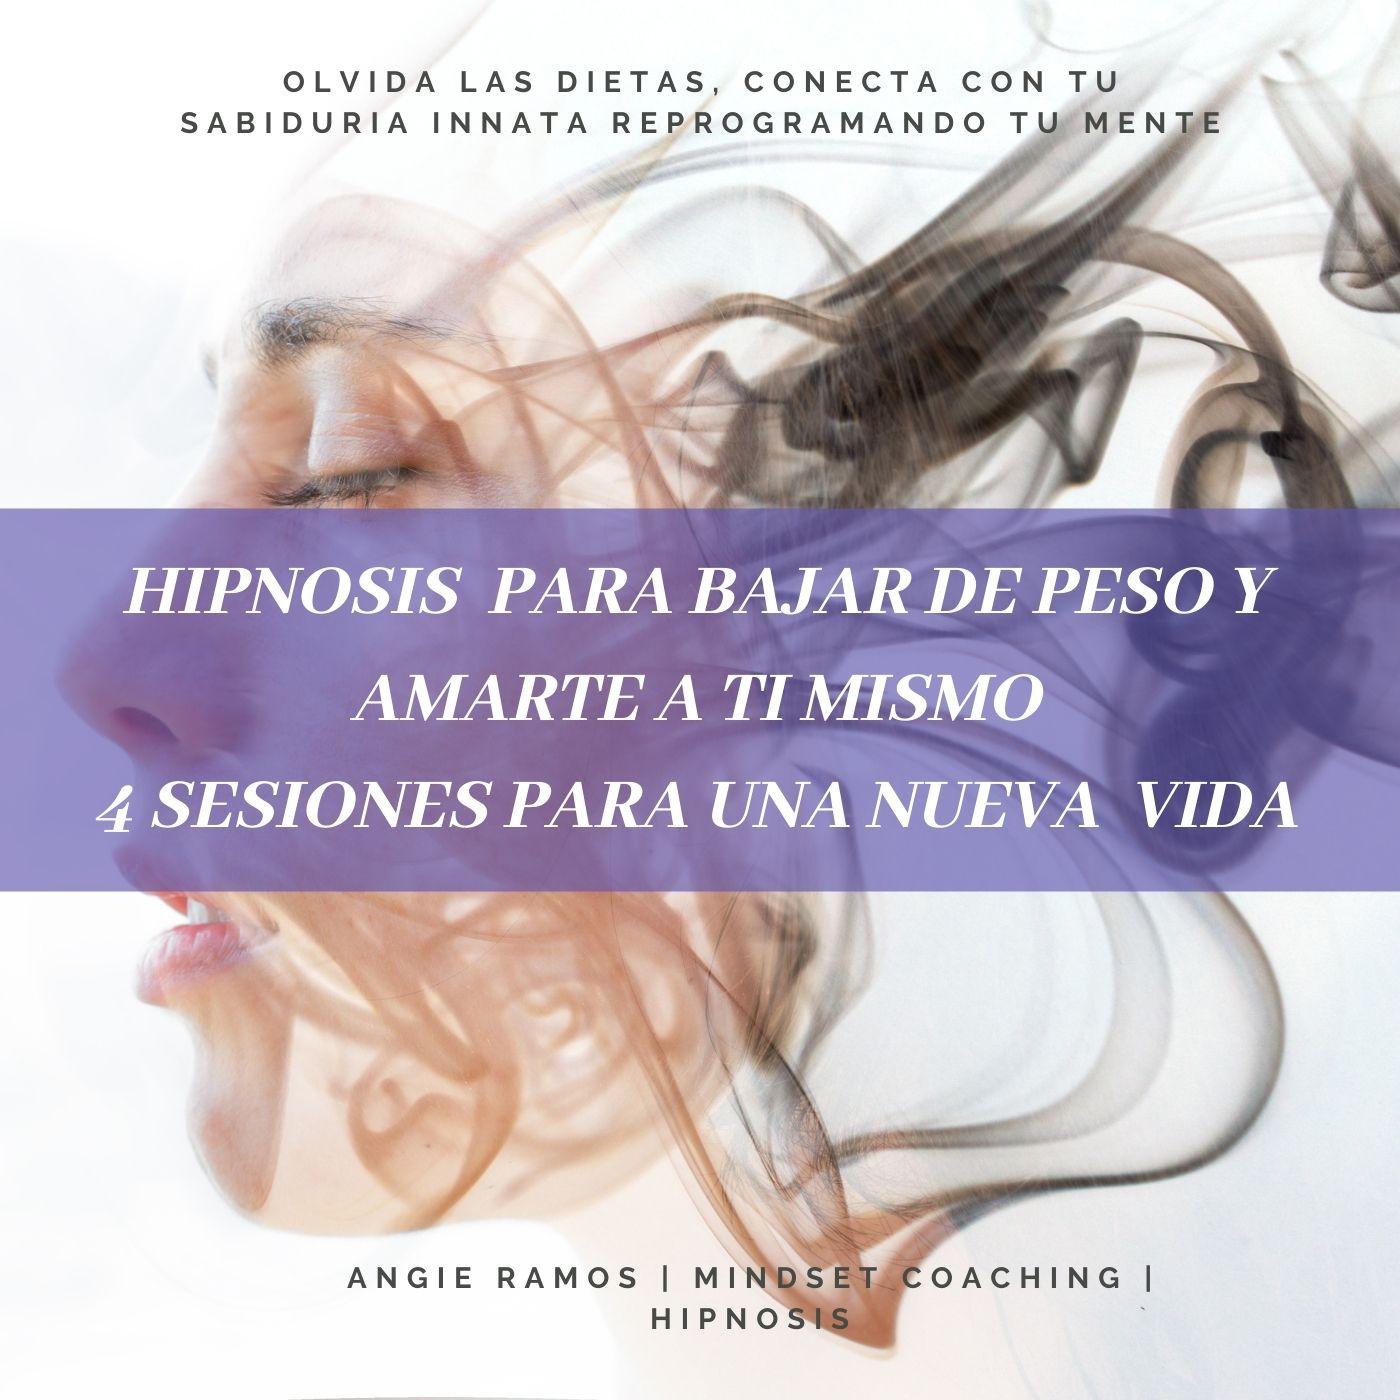 Programa de hipnosis para bajar de peso - Angie Ramos